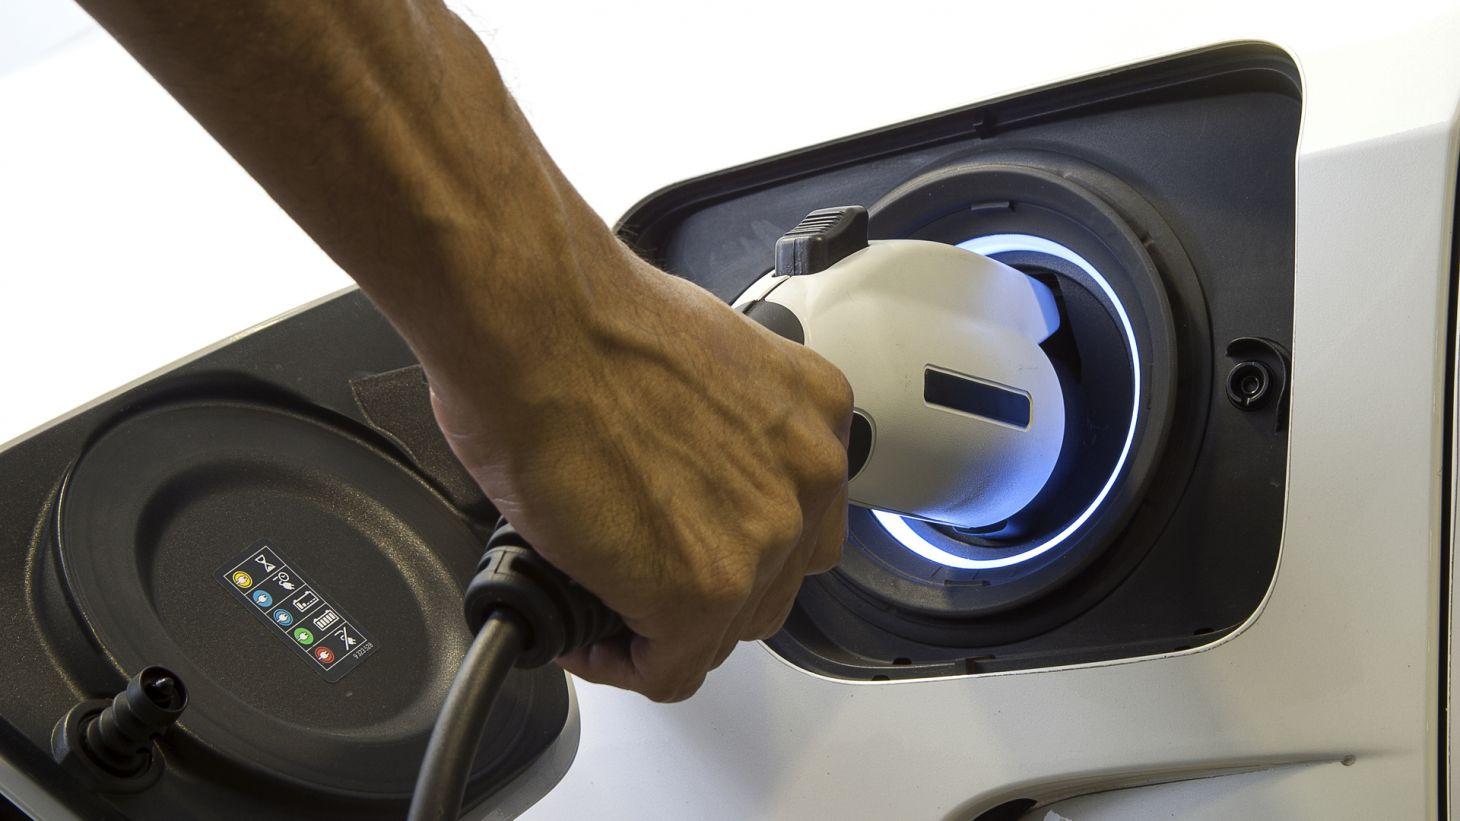 mao manuseando cabo carregar carro hibrido plug in eletrico